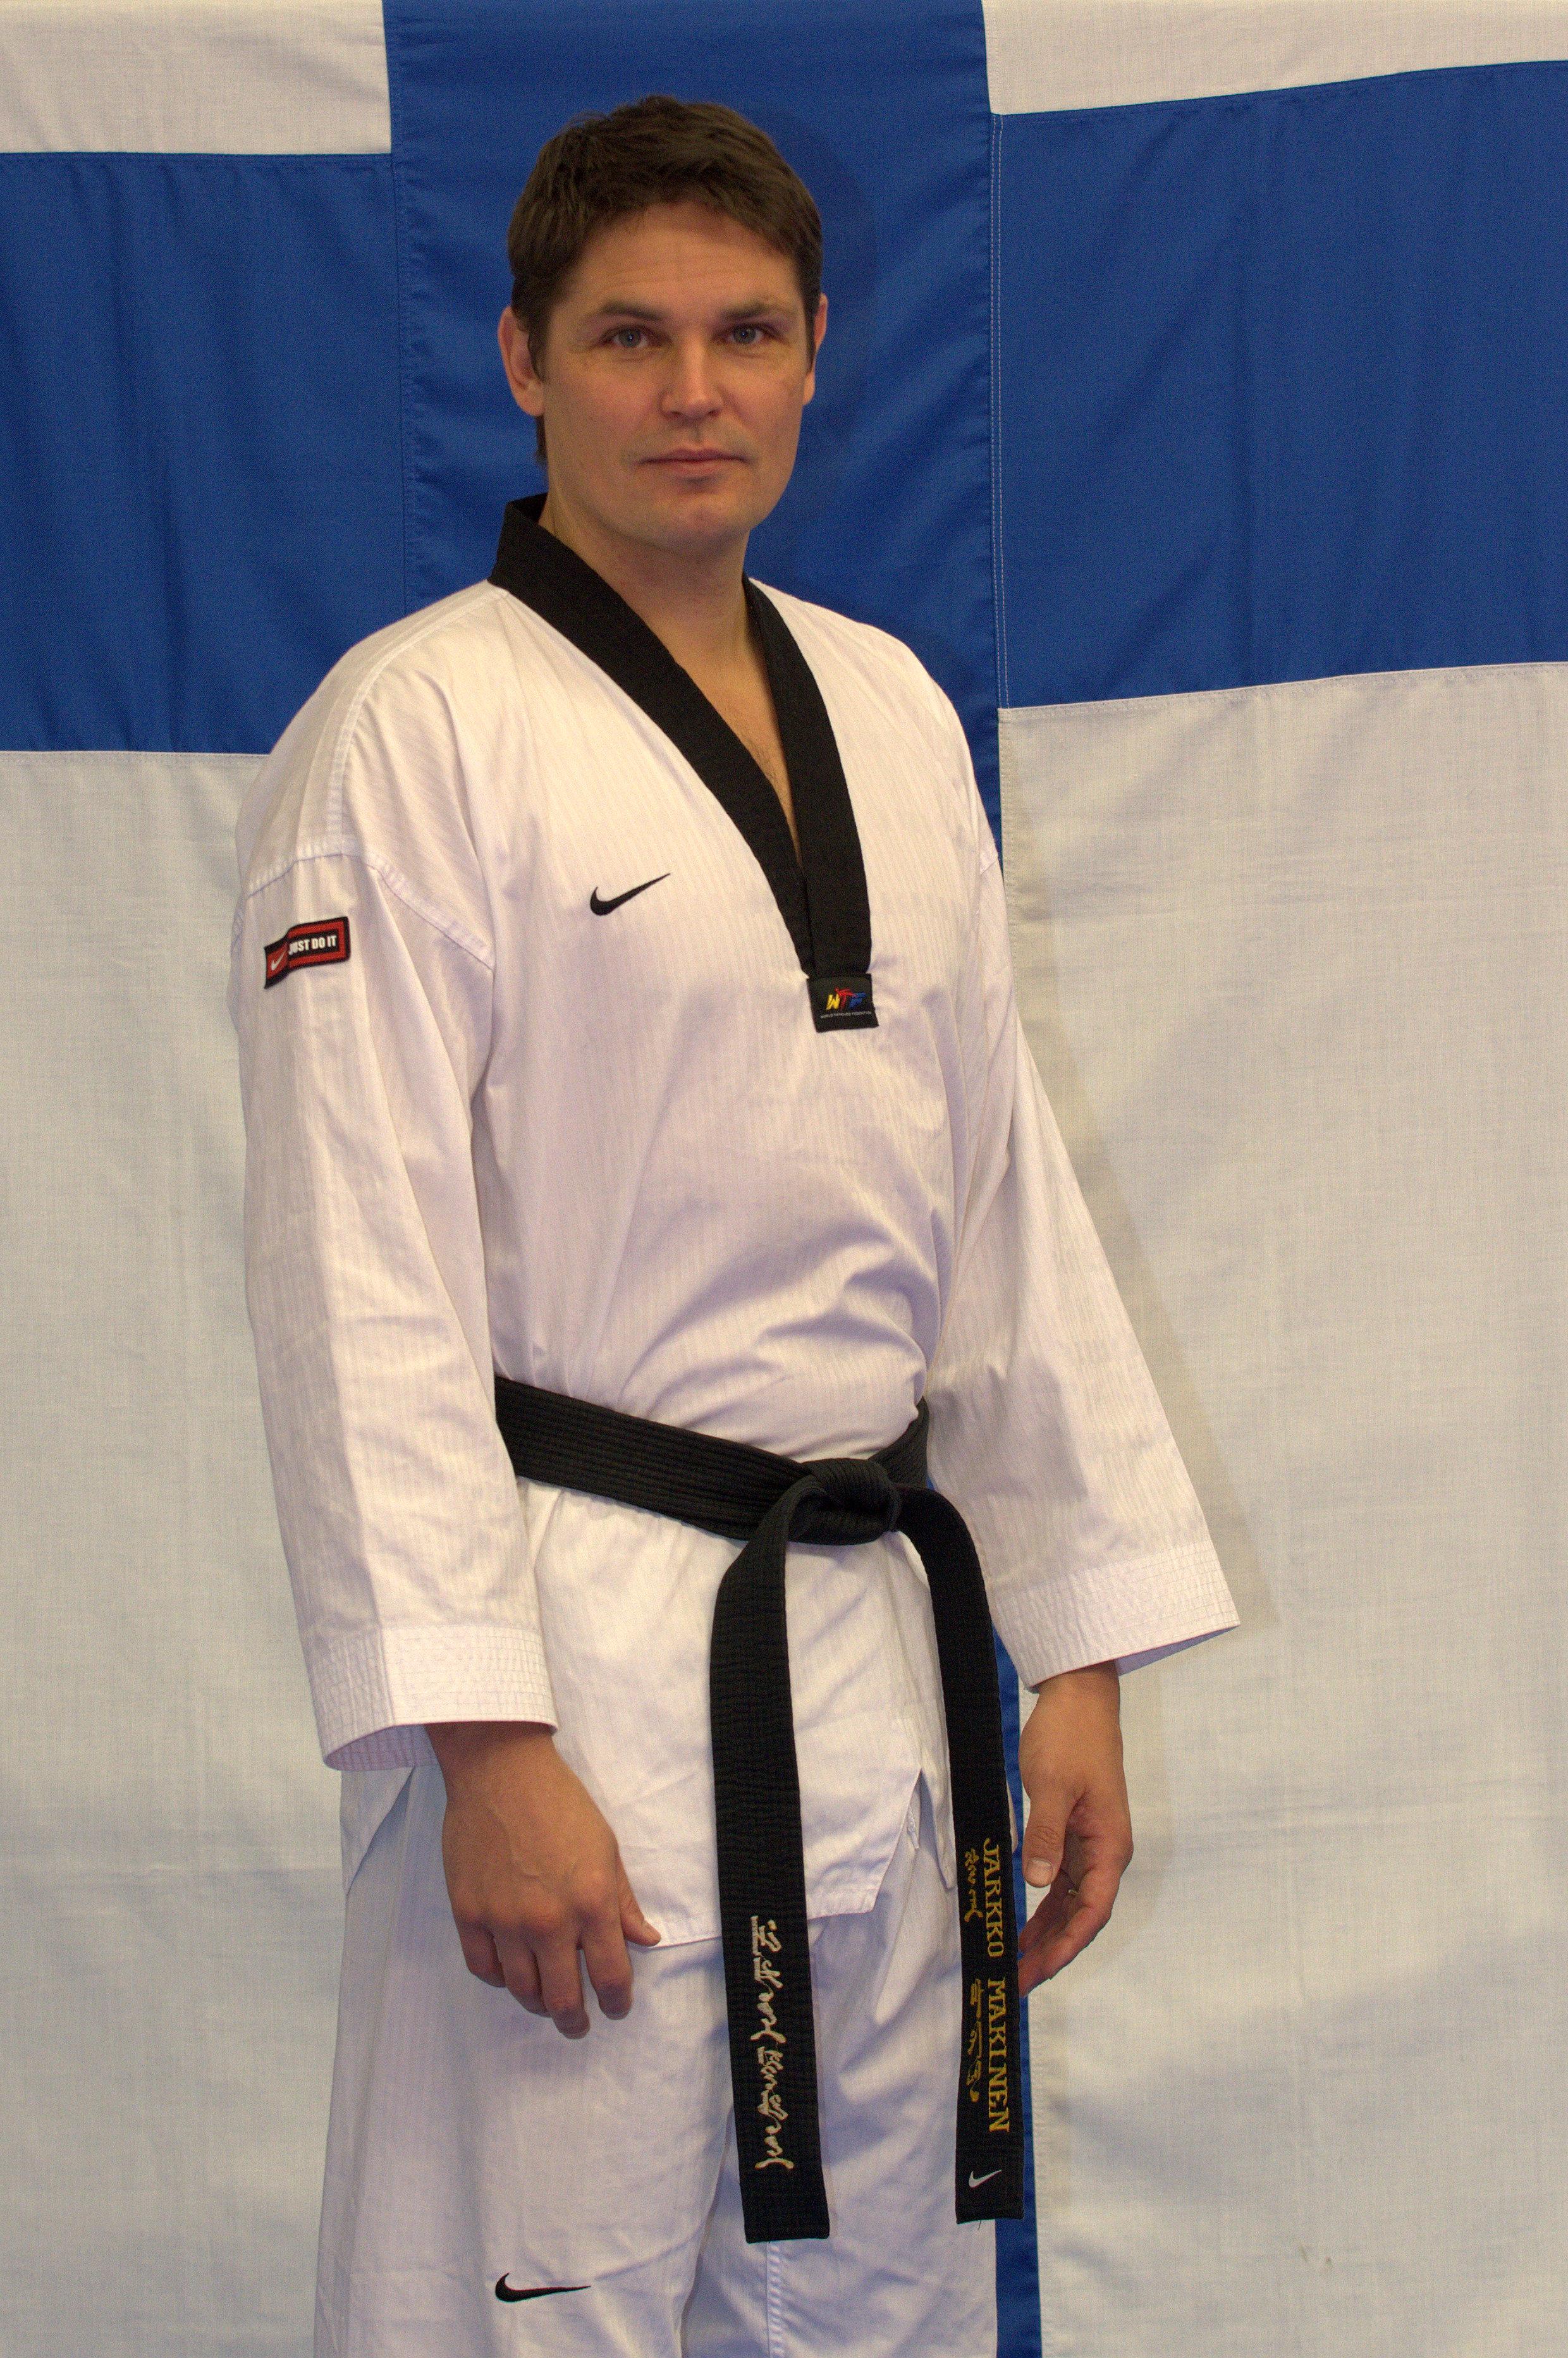 Jarkko Mäkinen